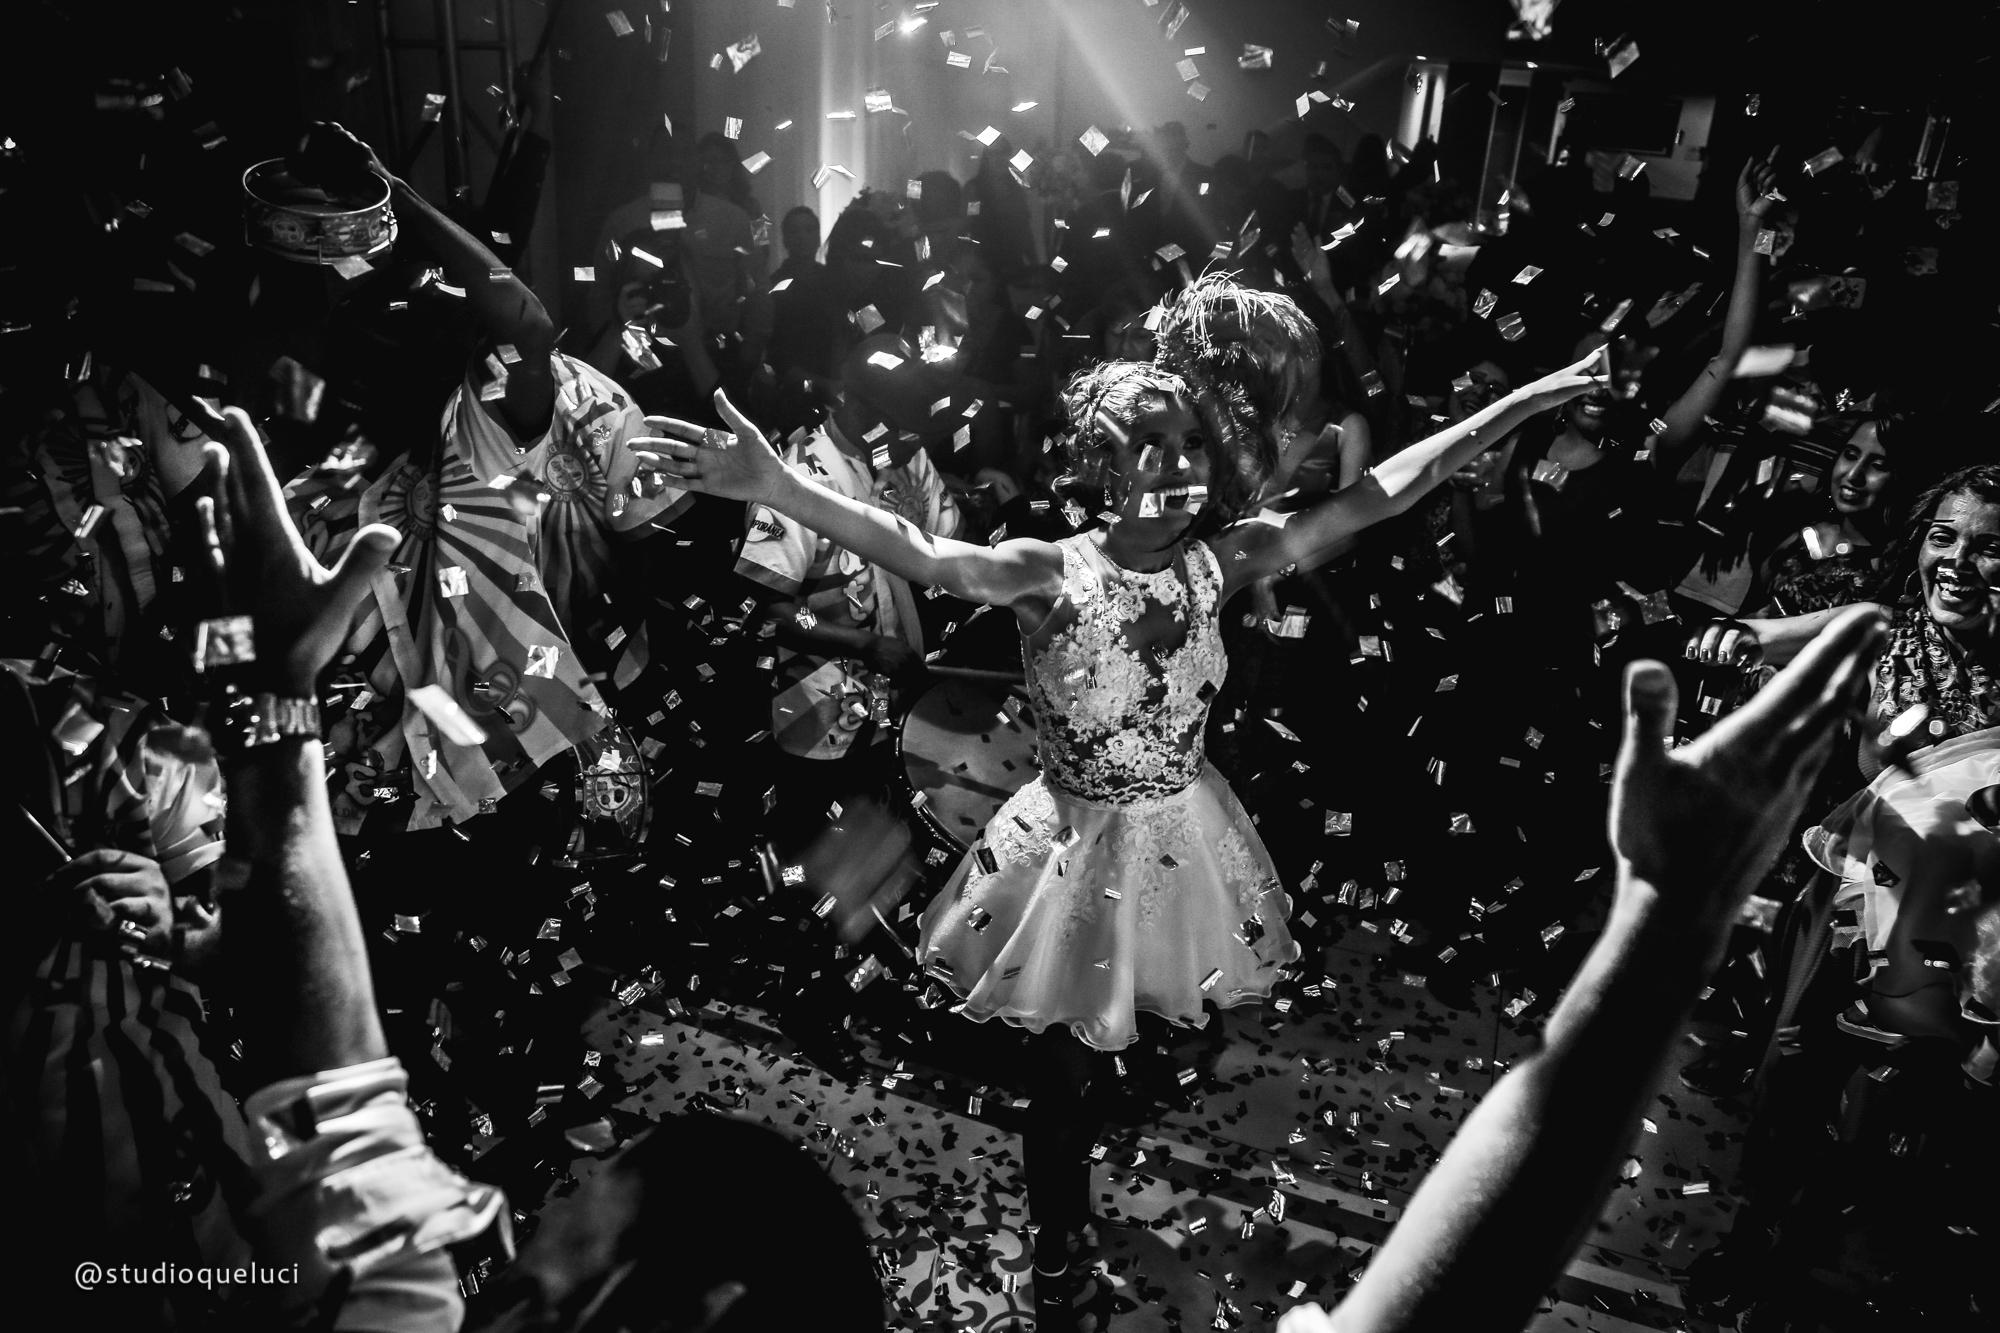 fotografo de casamento rio de janeiro (12)